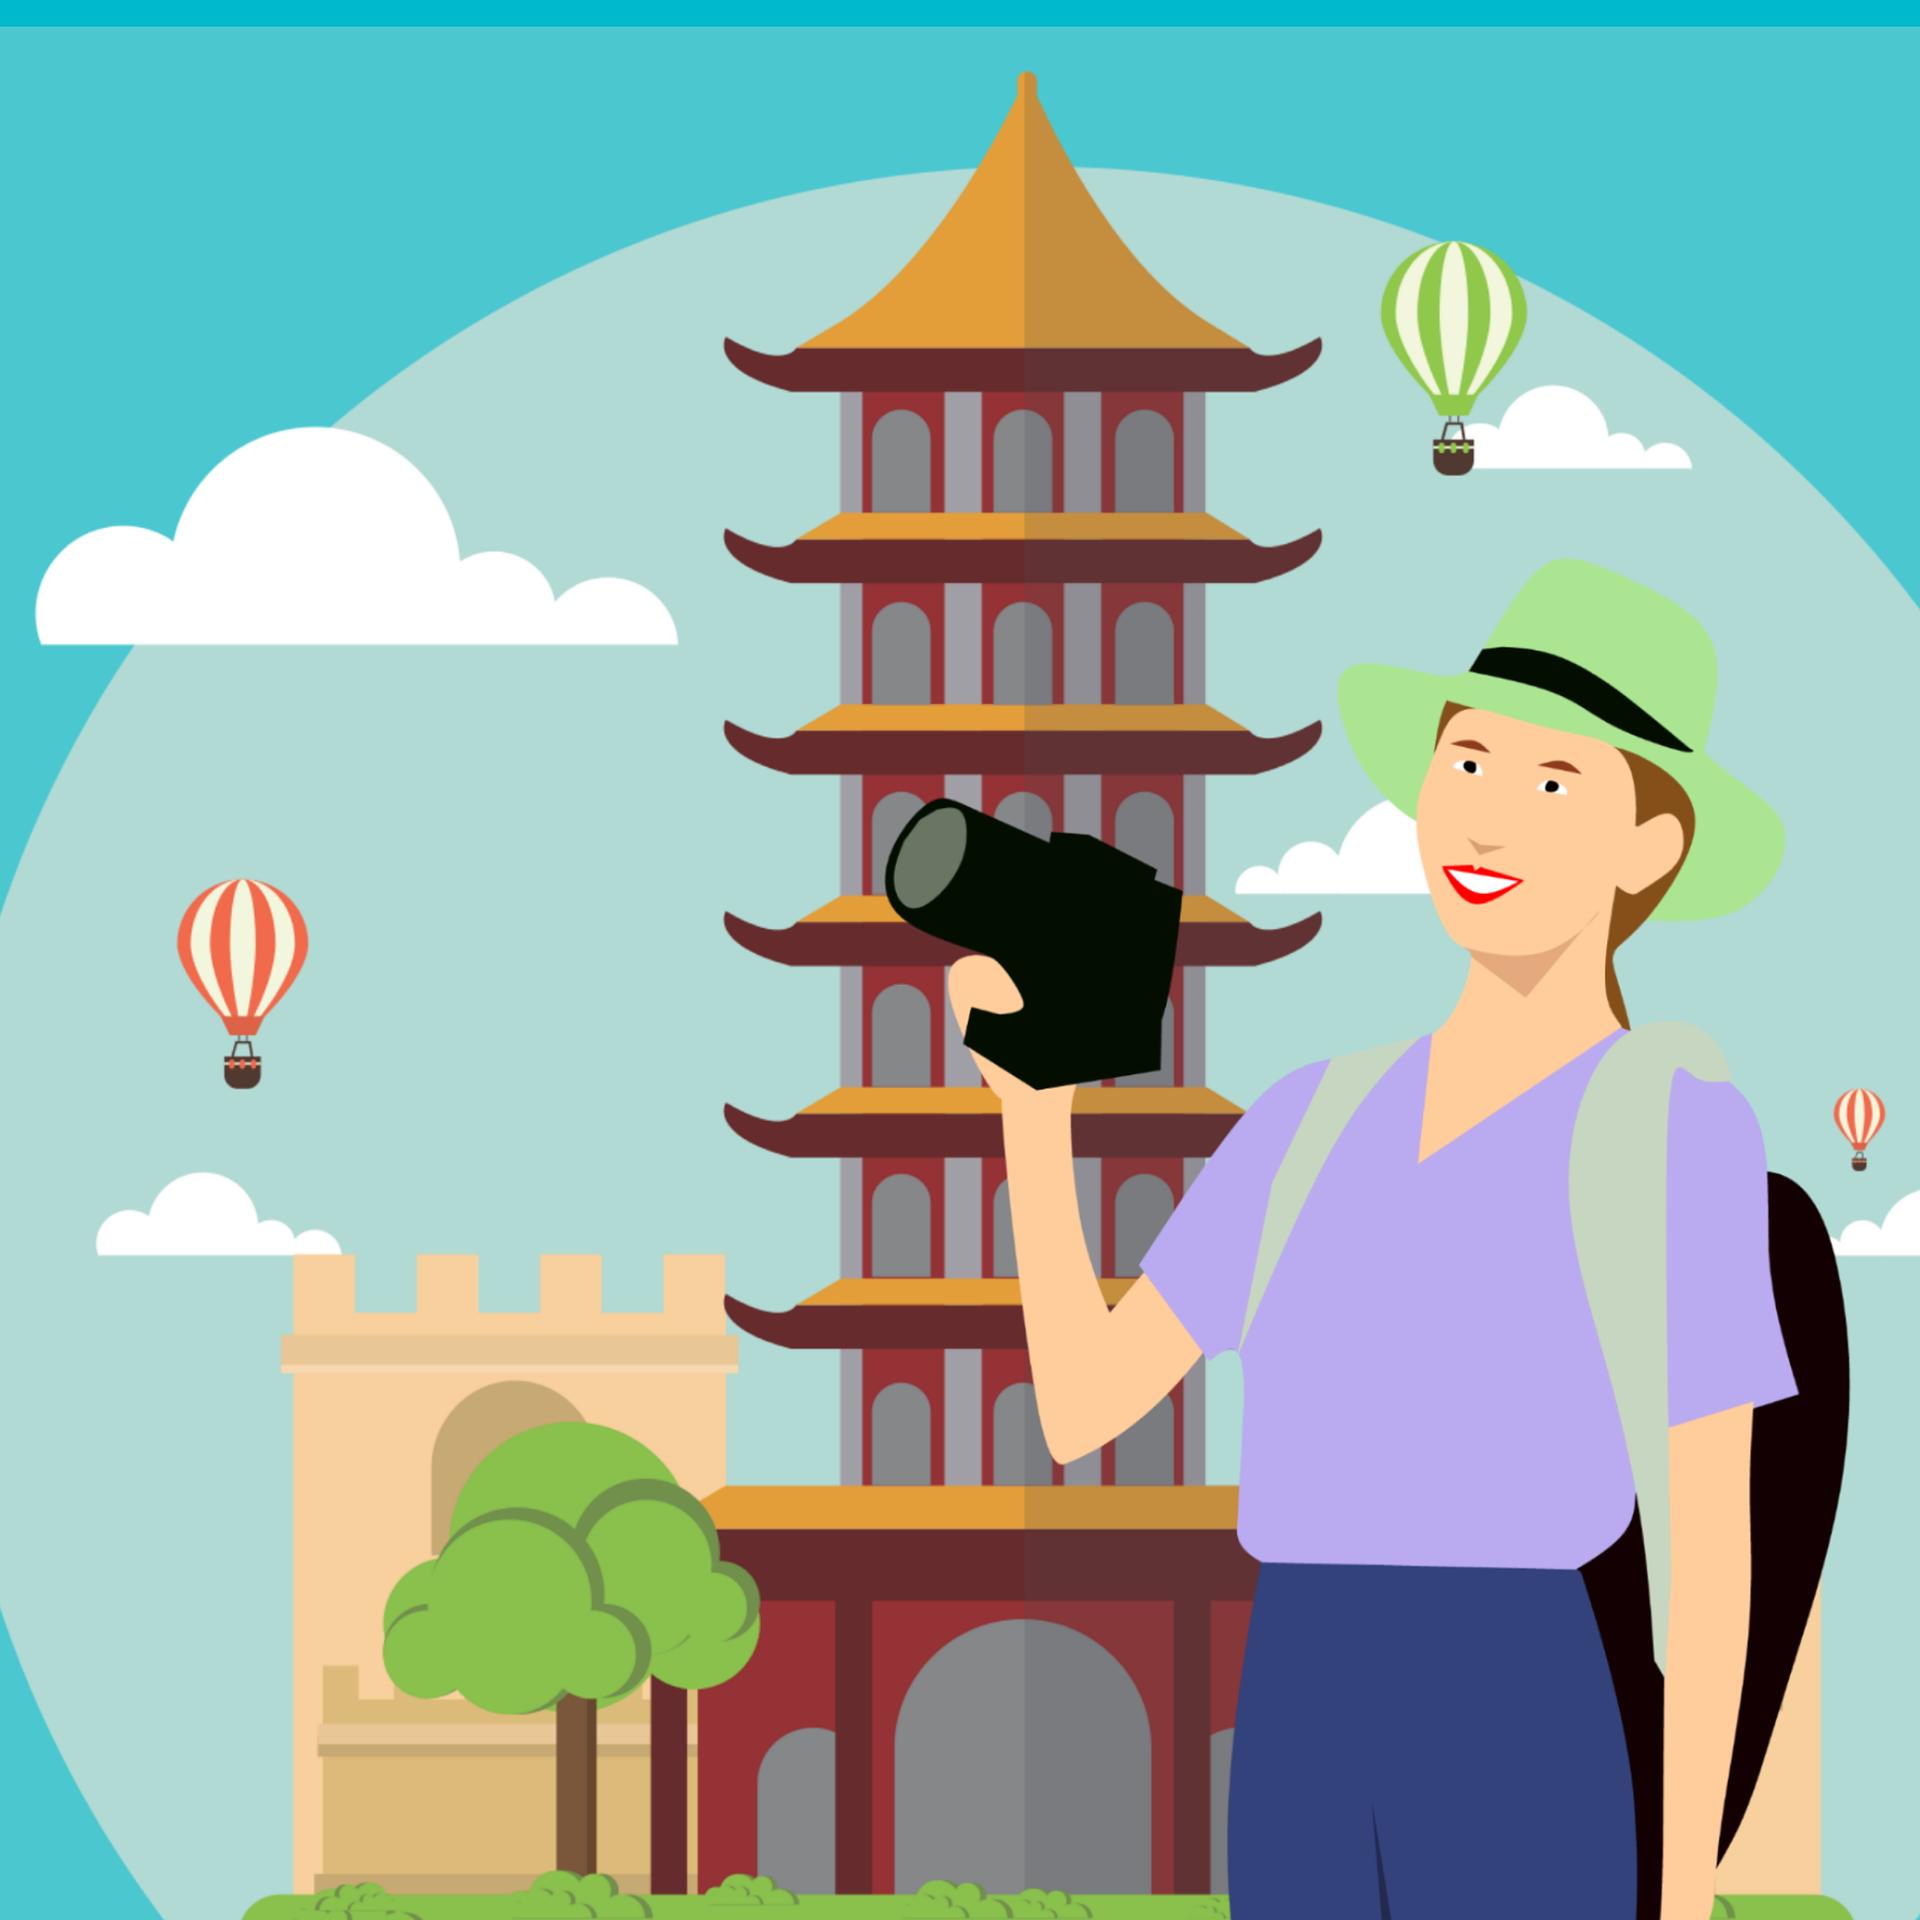 туристическа застраховка китай